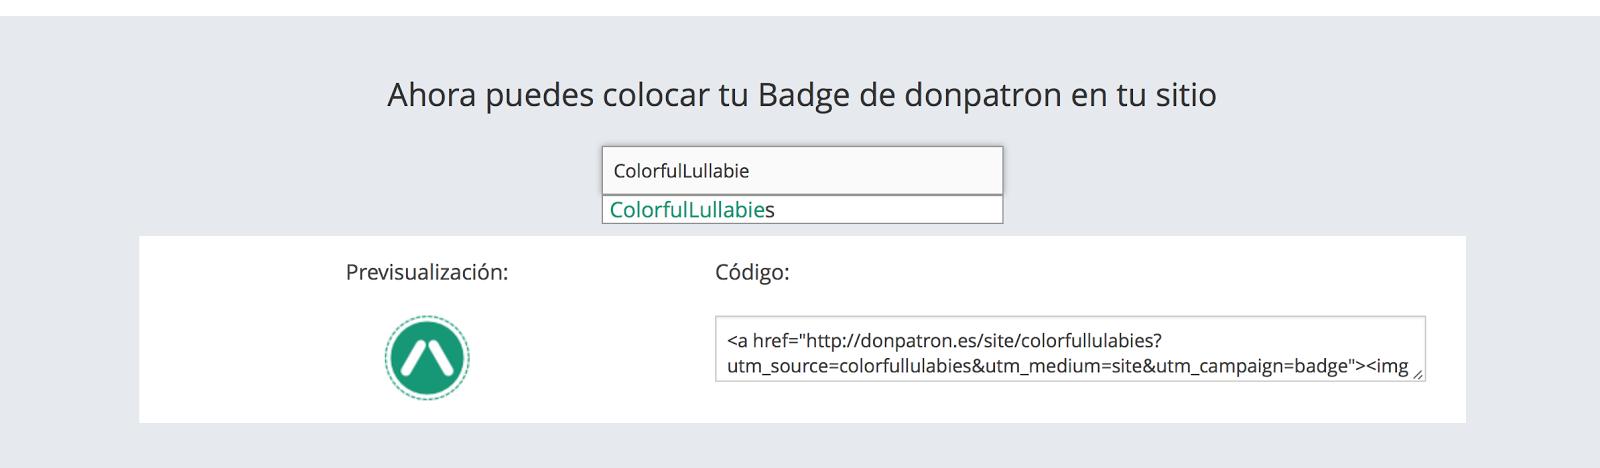 Generar badge personalizado de donpatron